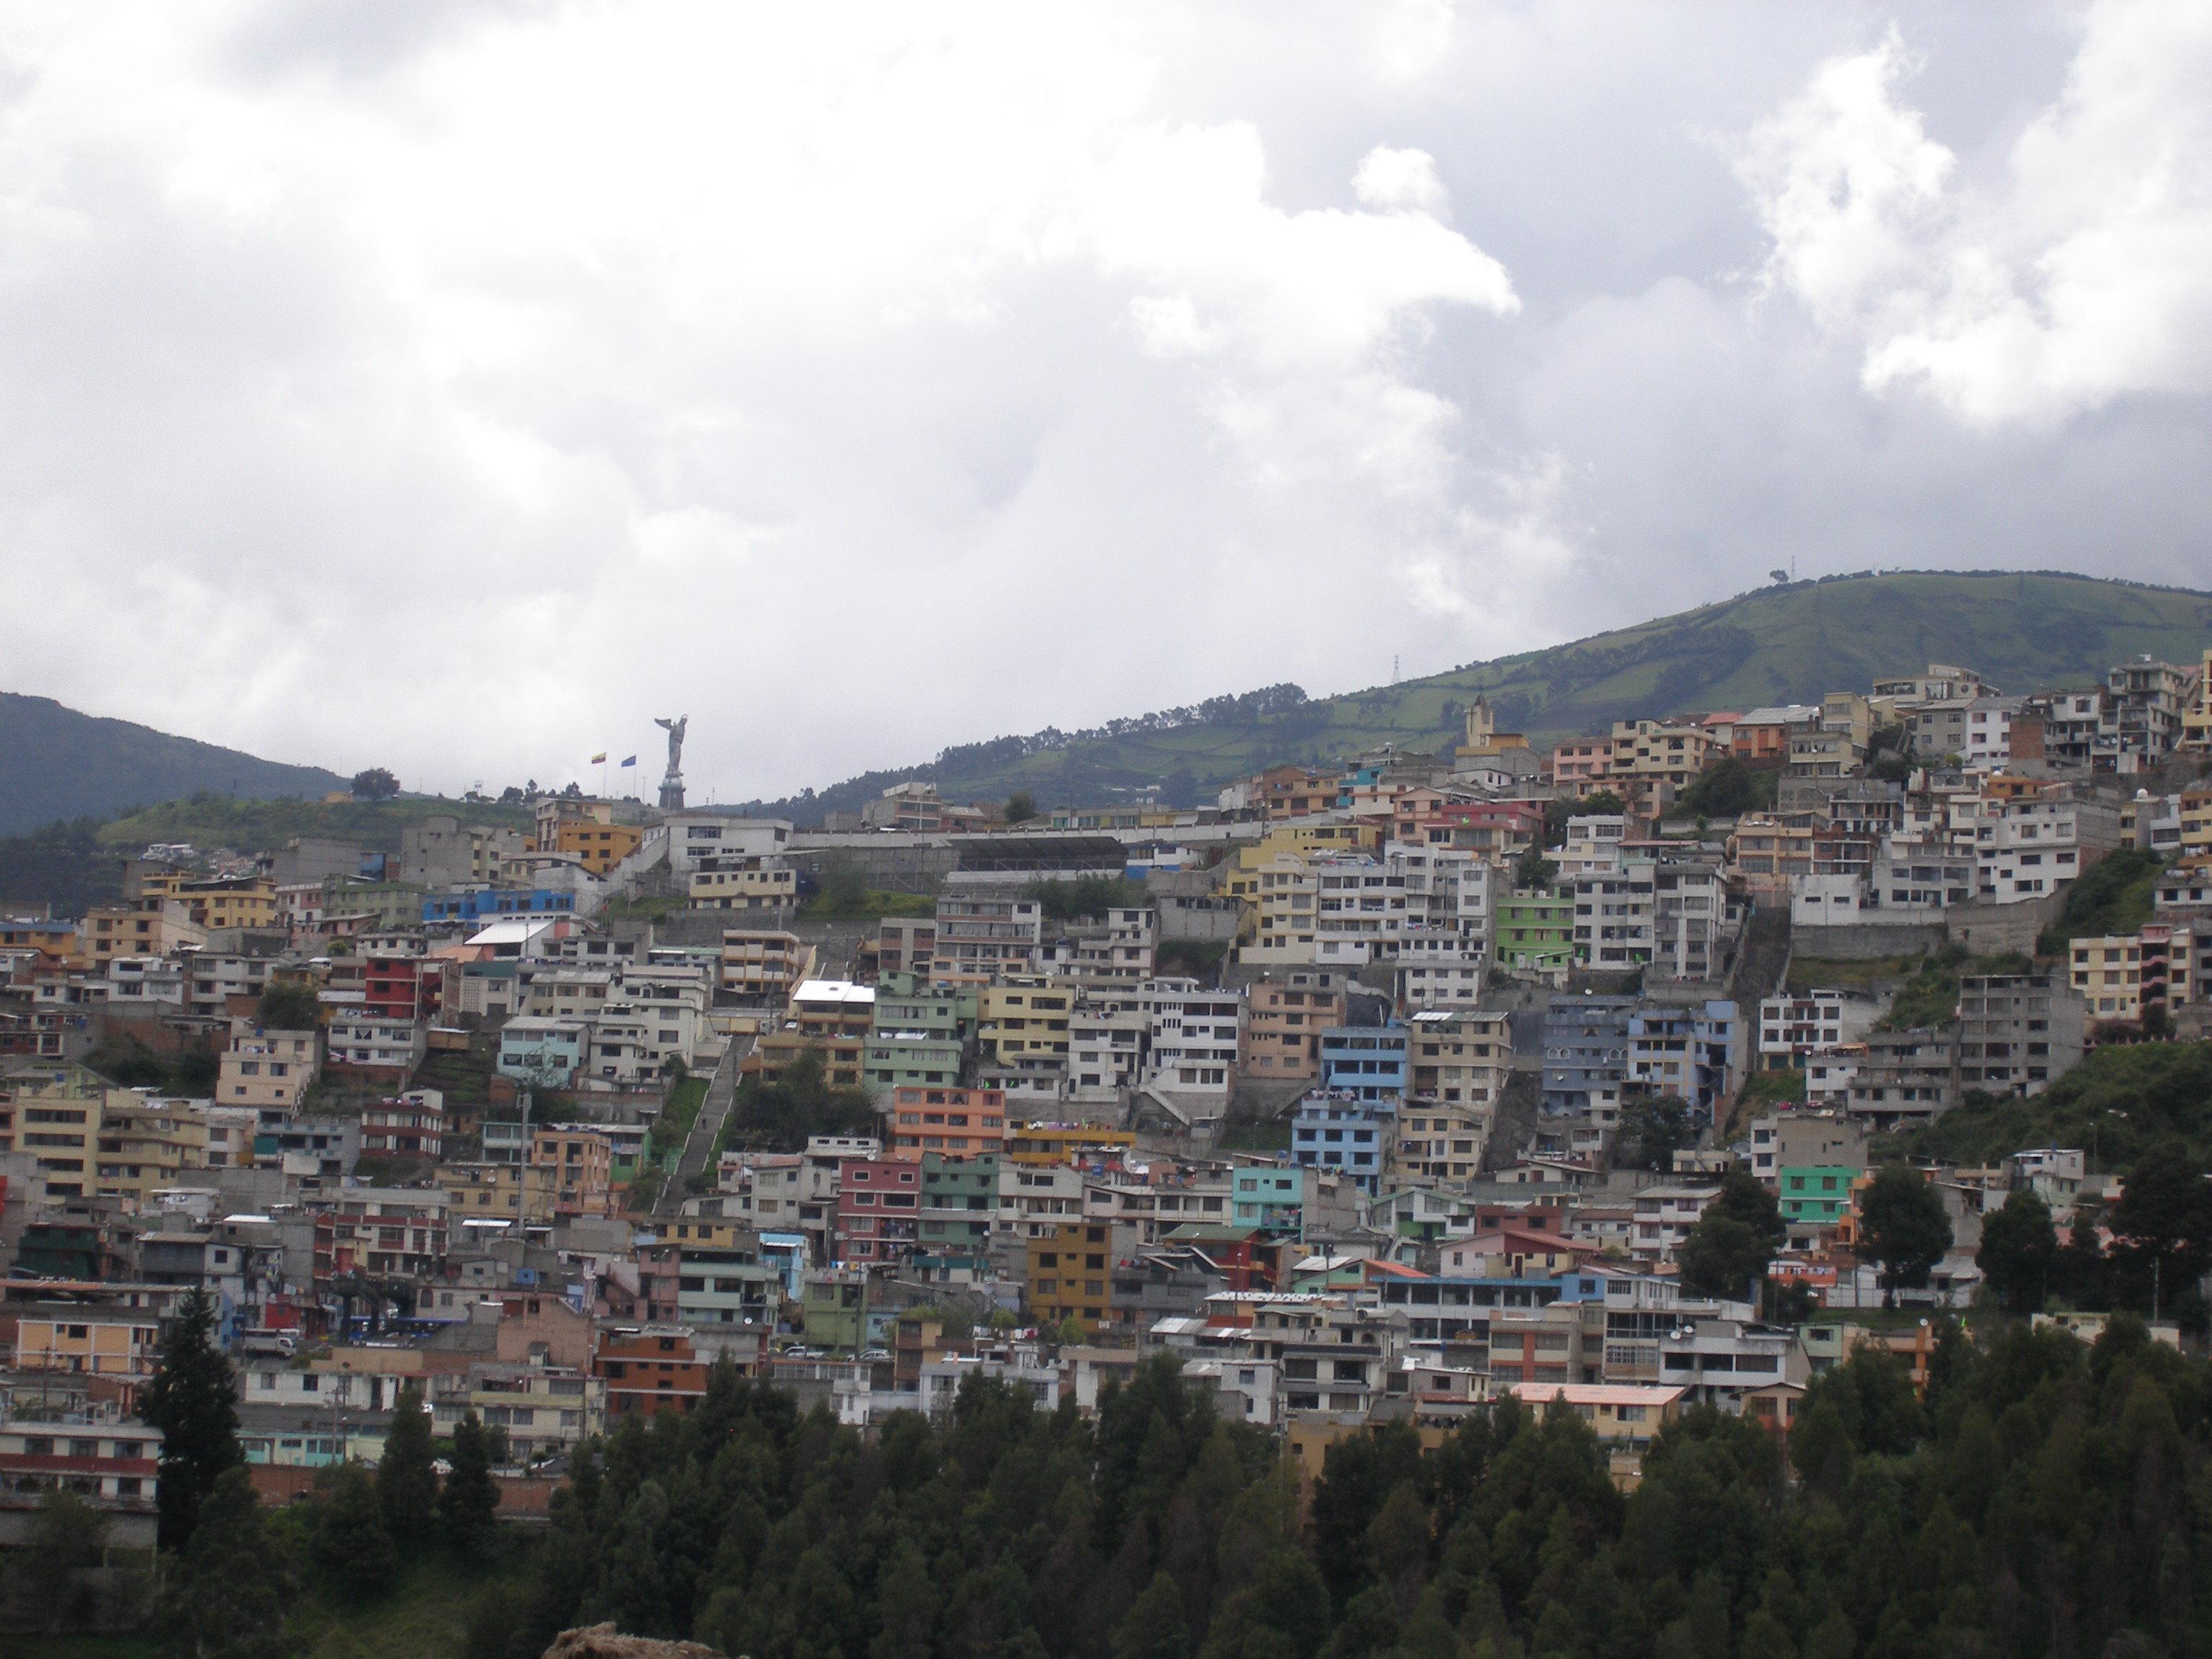 La vista actual de Quito, Ecuador